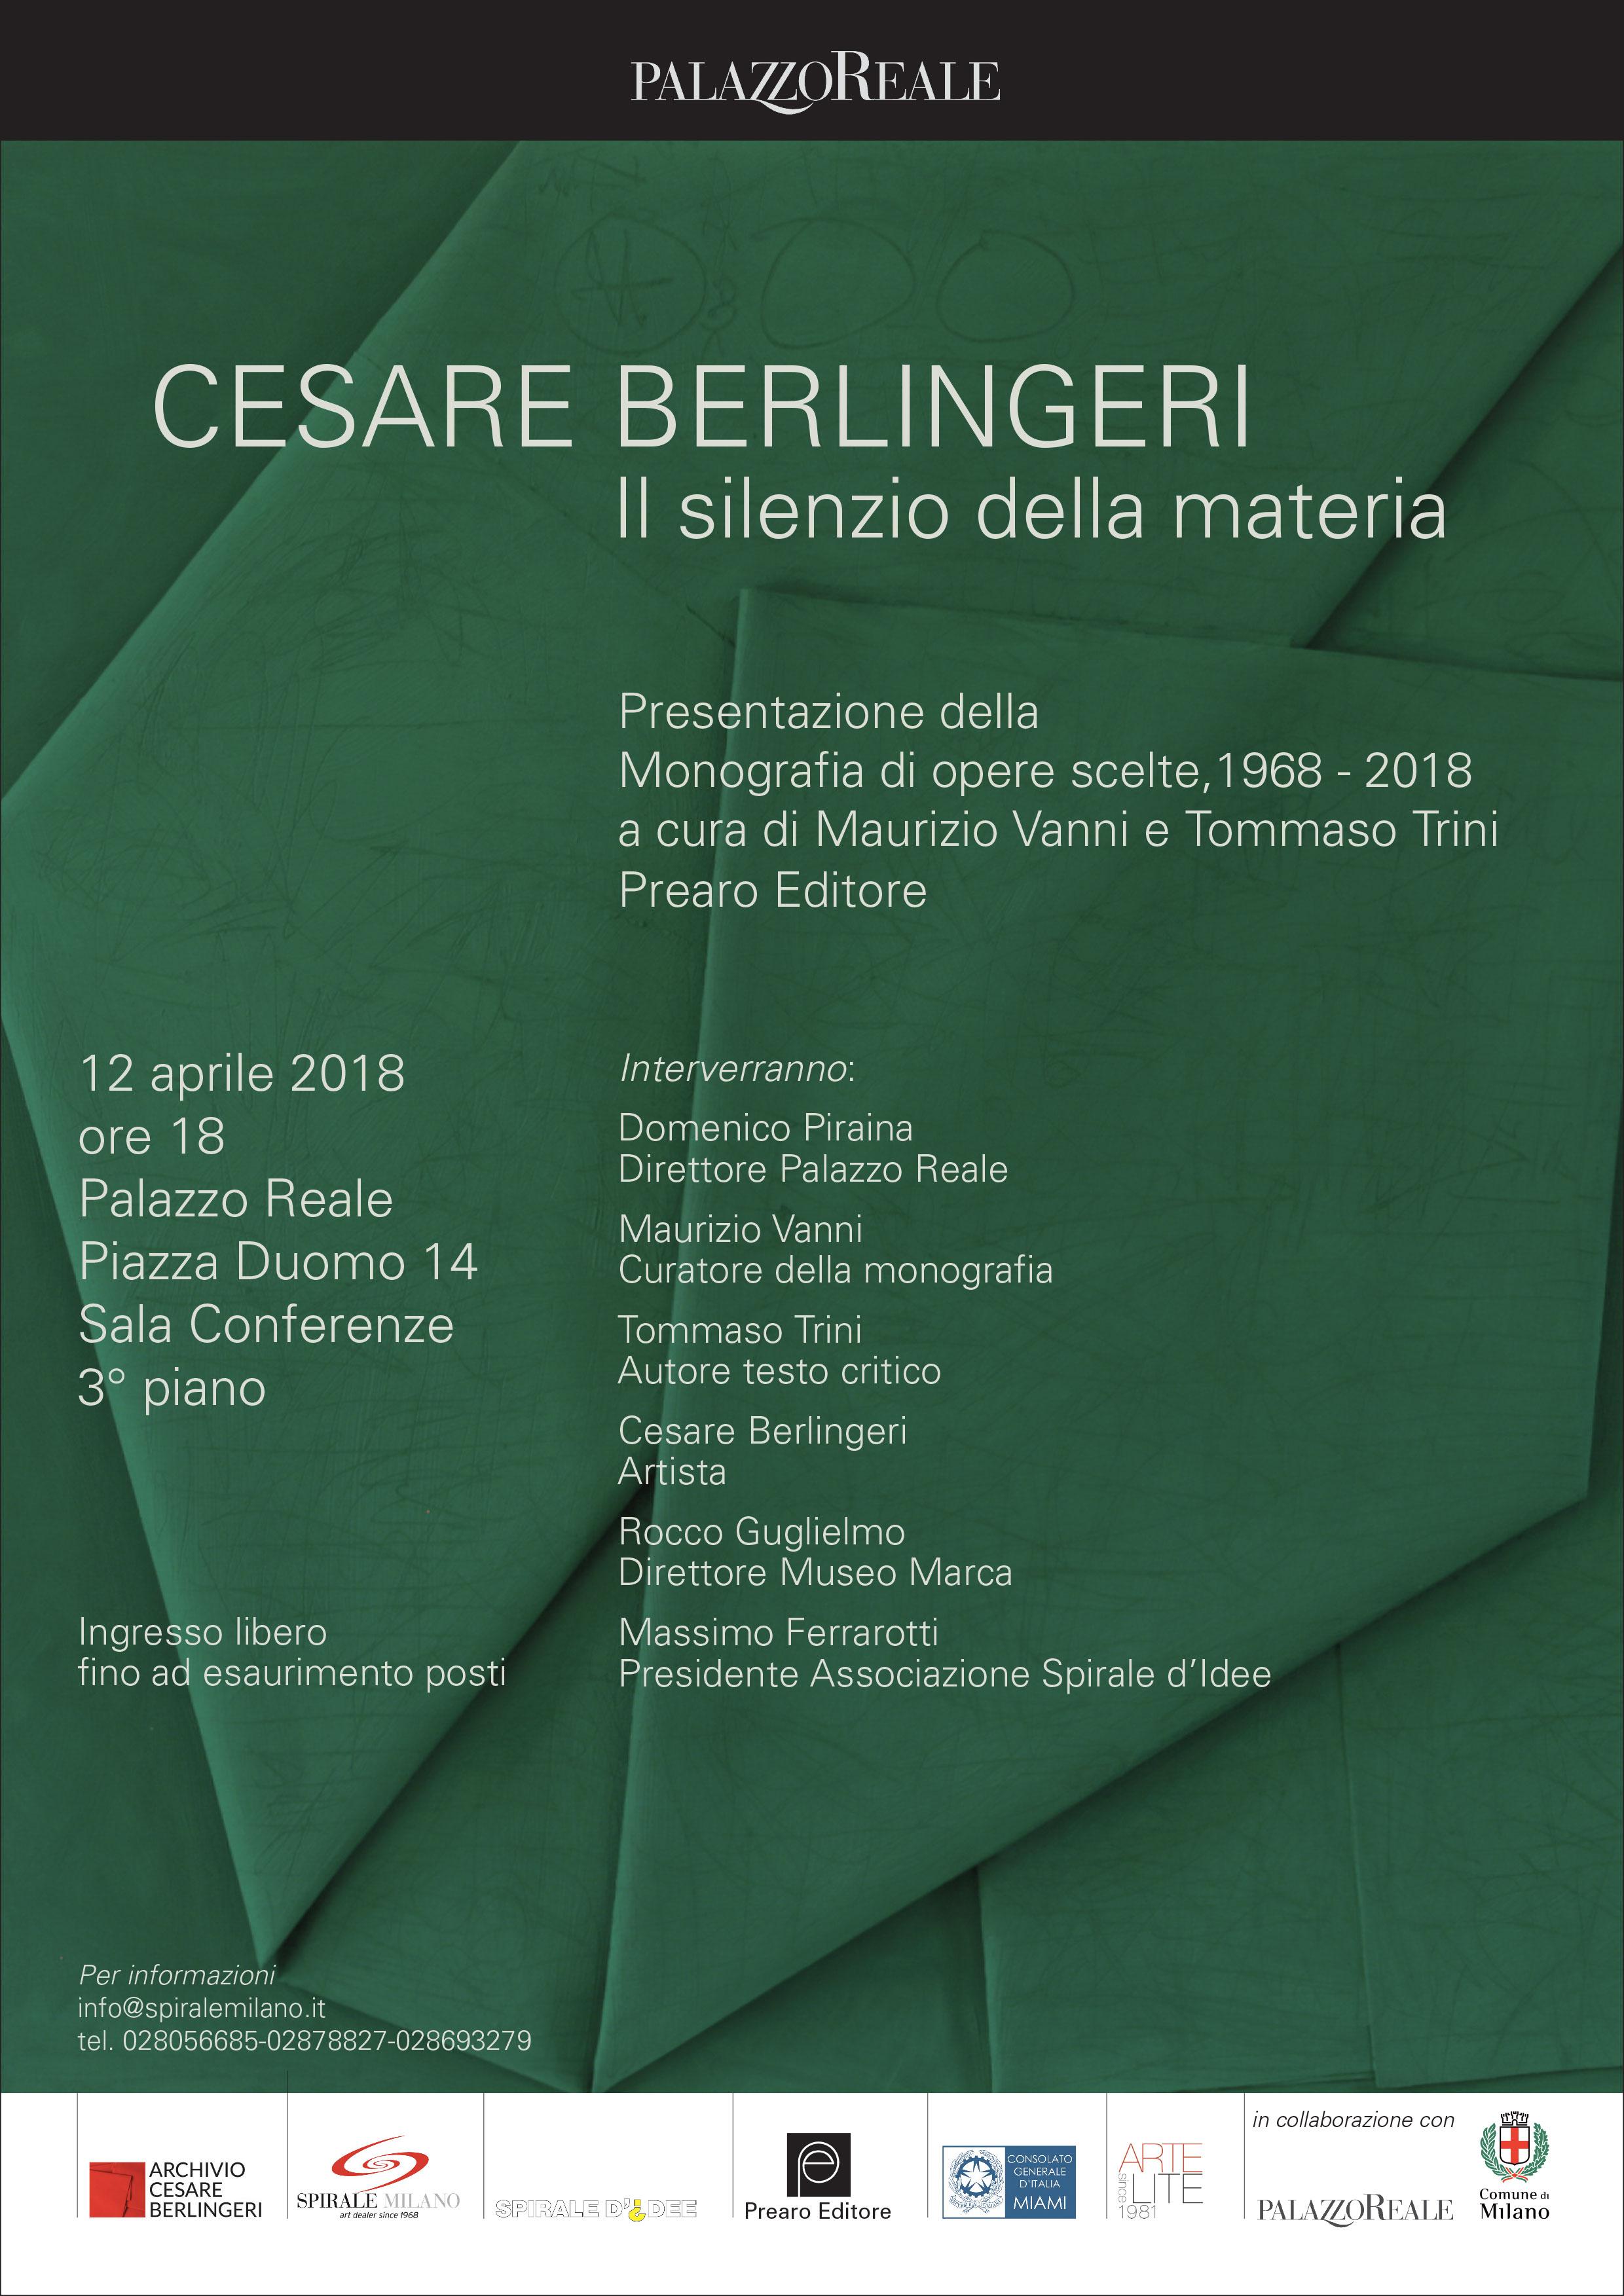 INVITO-BERLINGERI-Palazzo-Reale-Milano